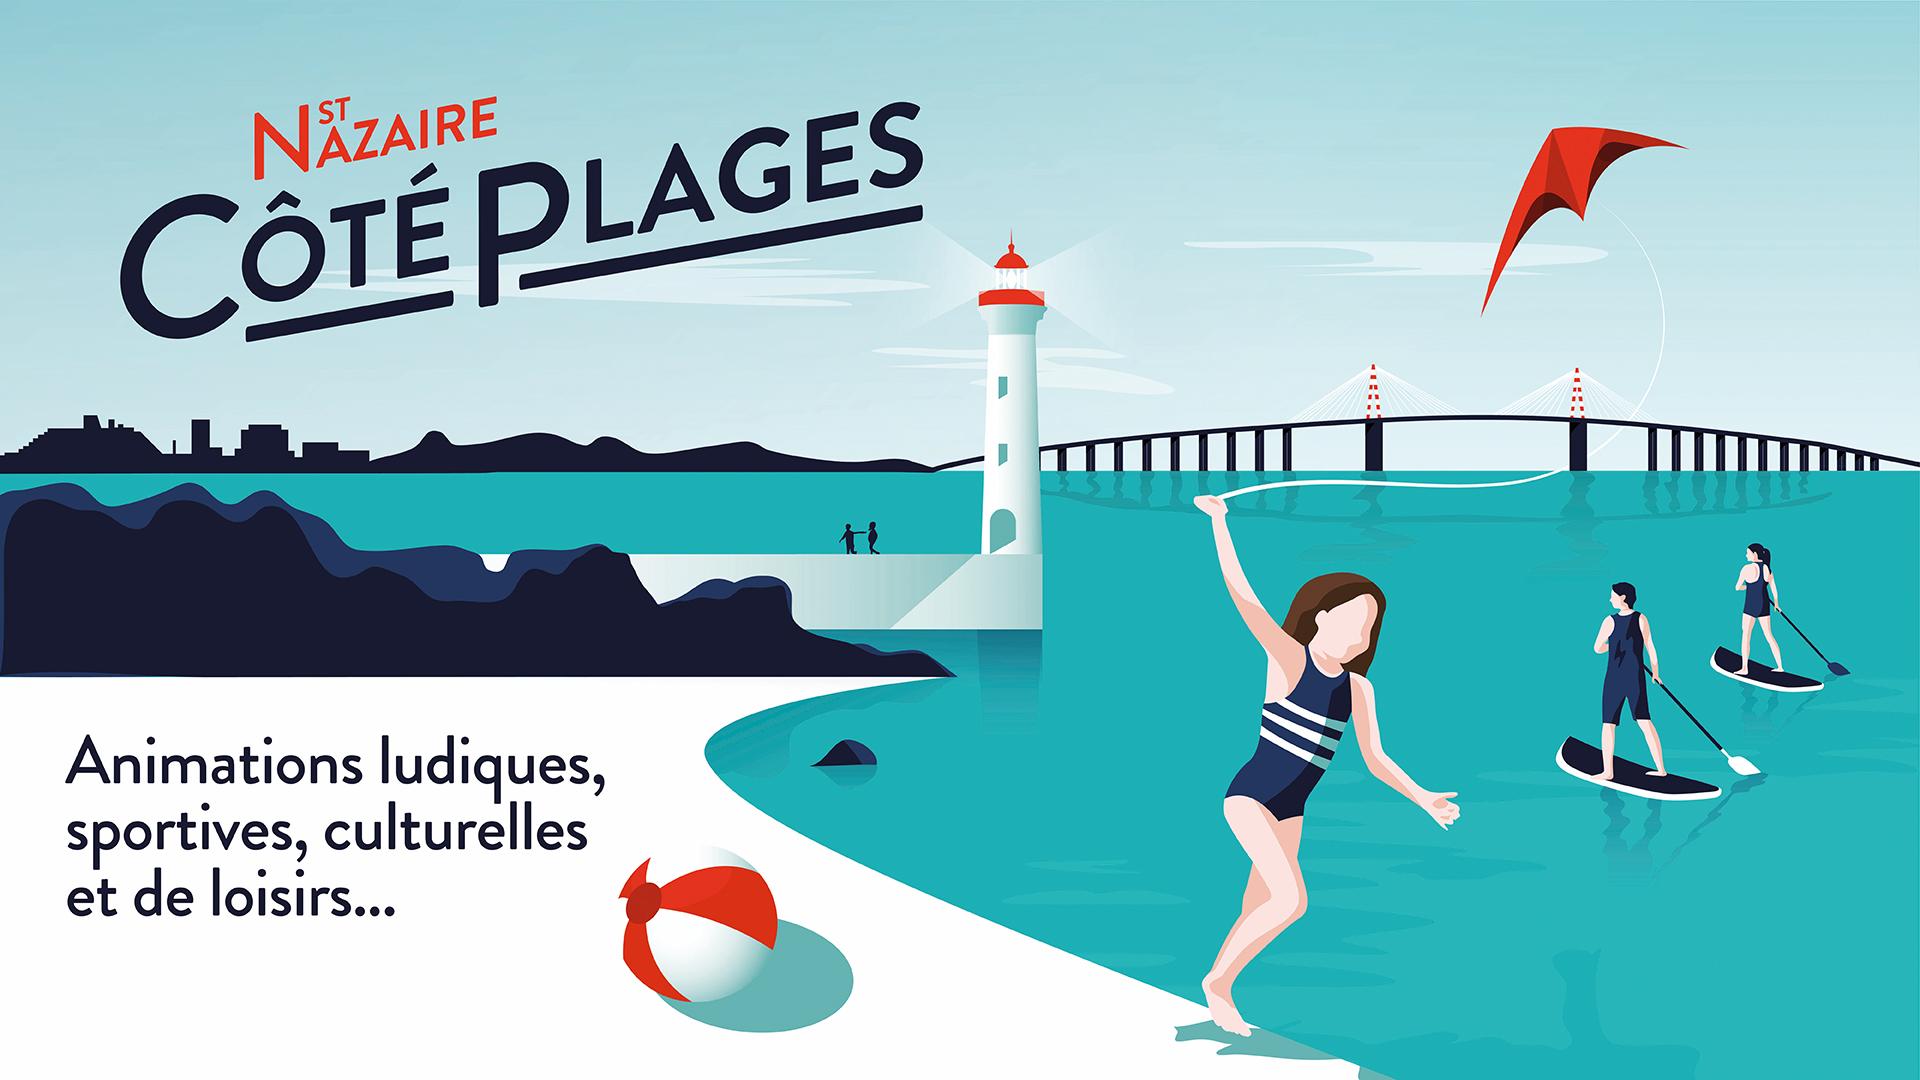 Saint-Nazaire côté plages